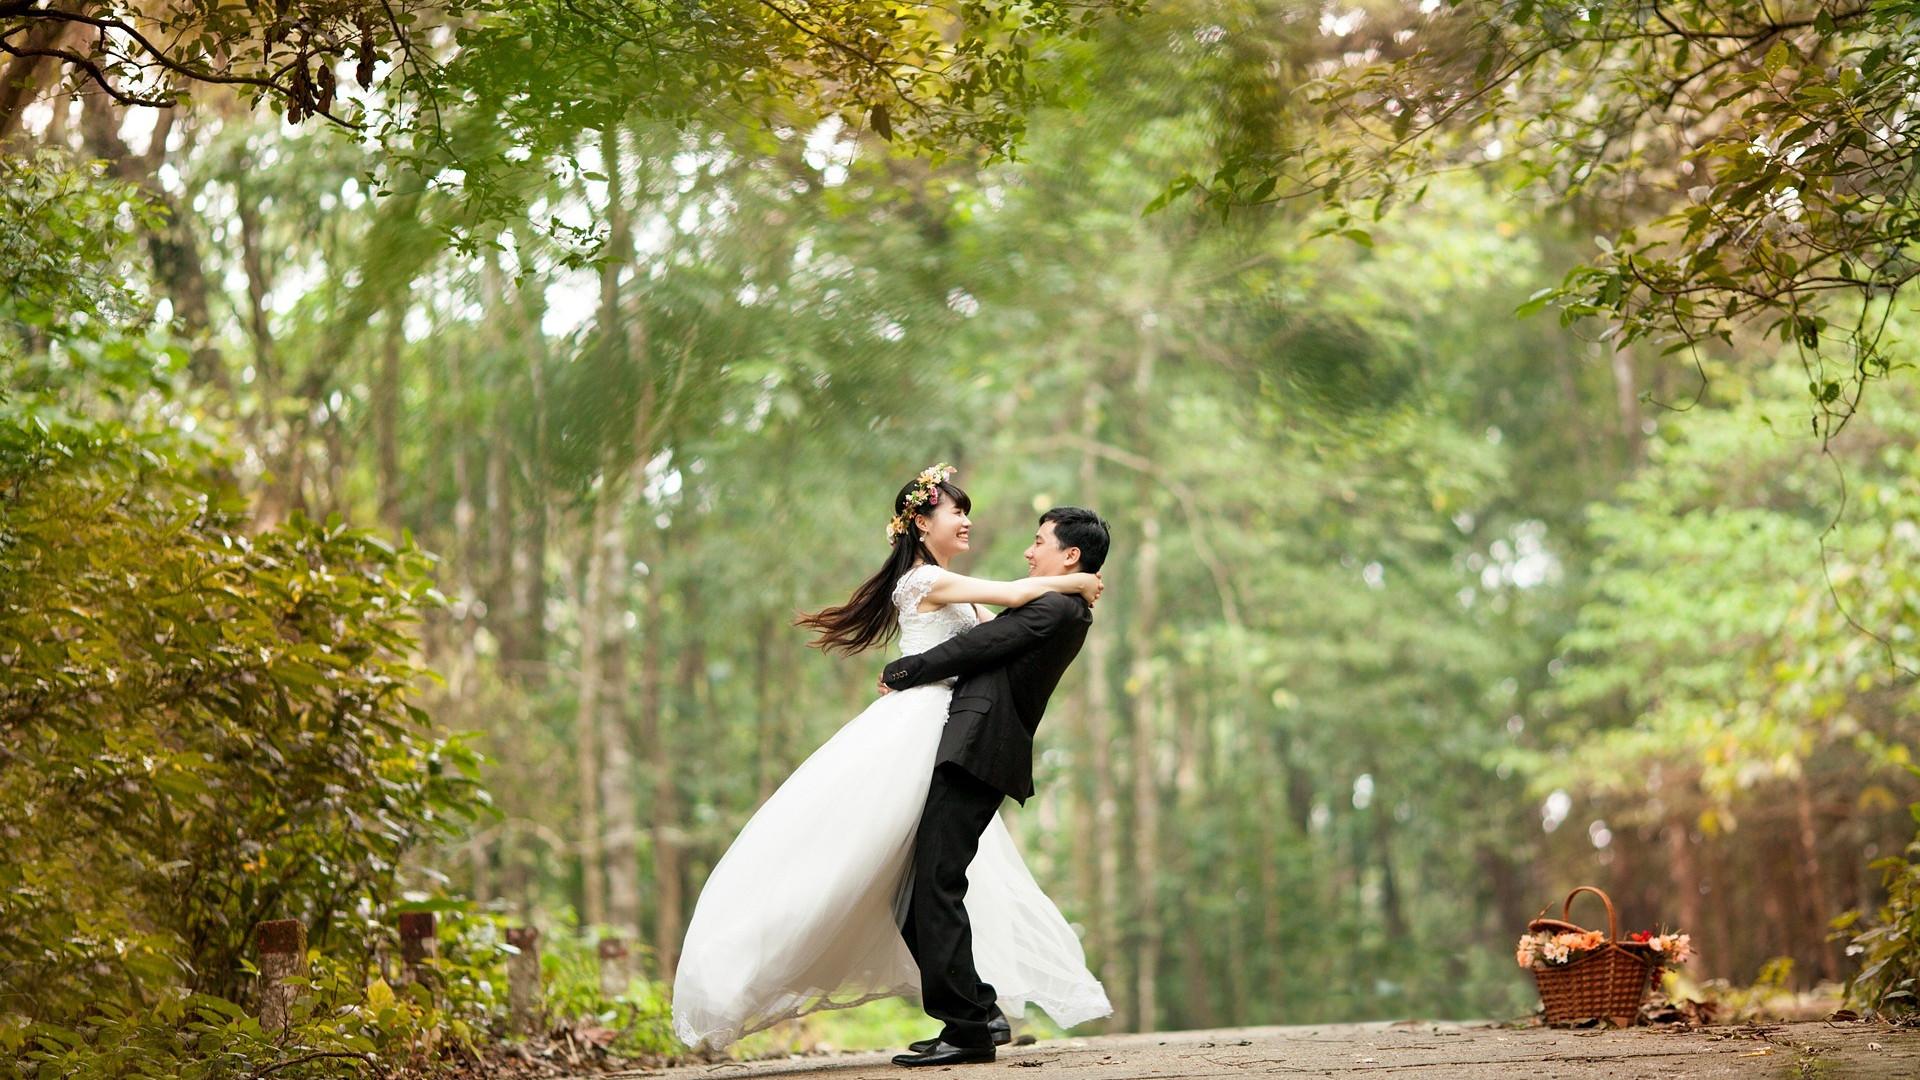 Il existe même des applications mobiles pour préparer votre mariage